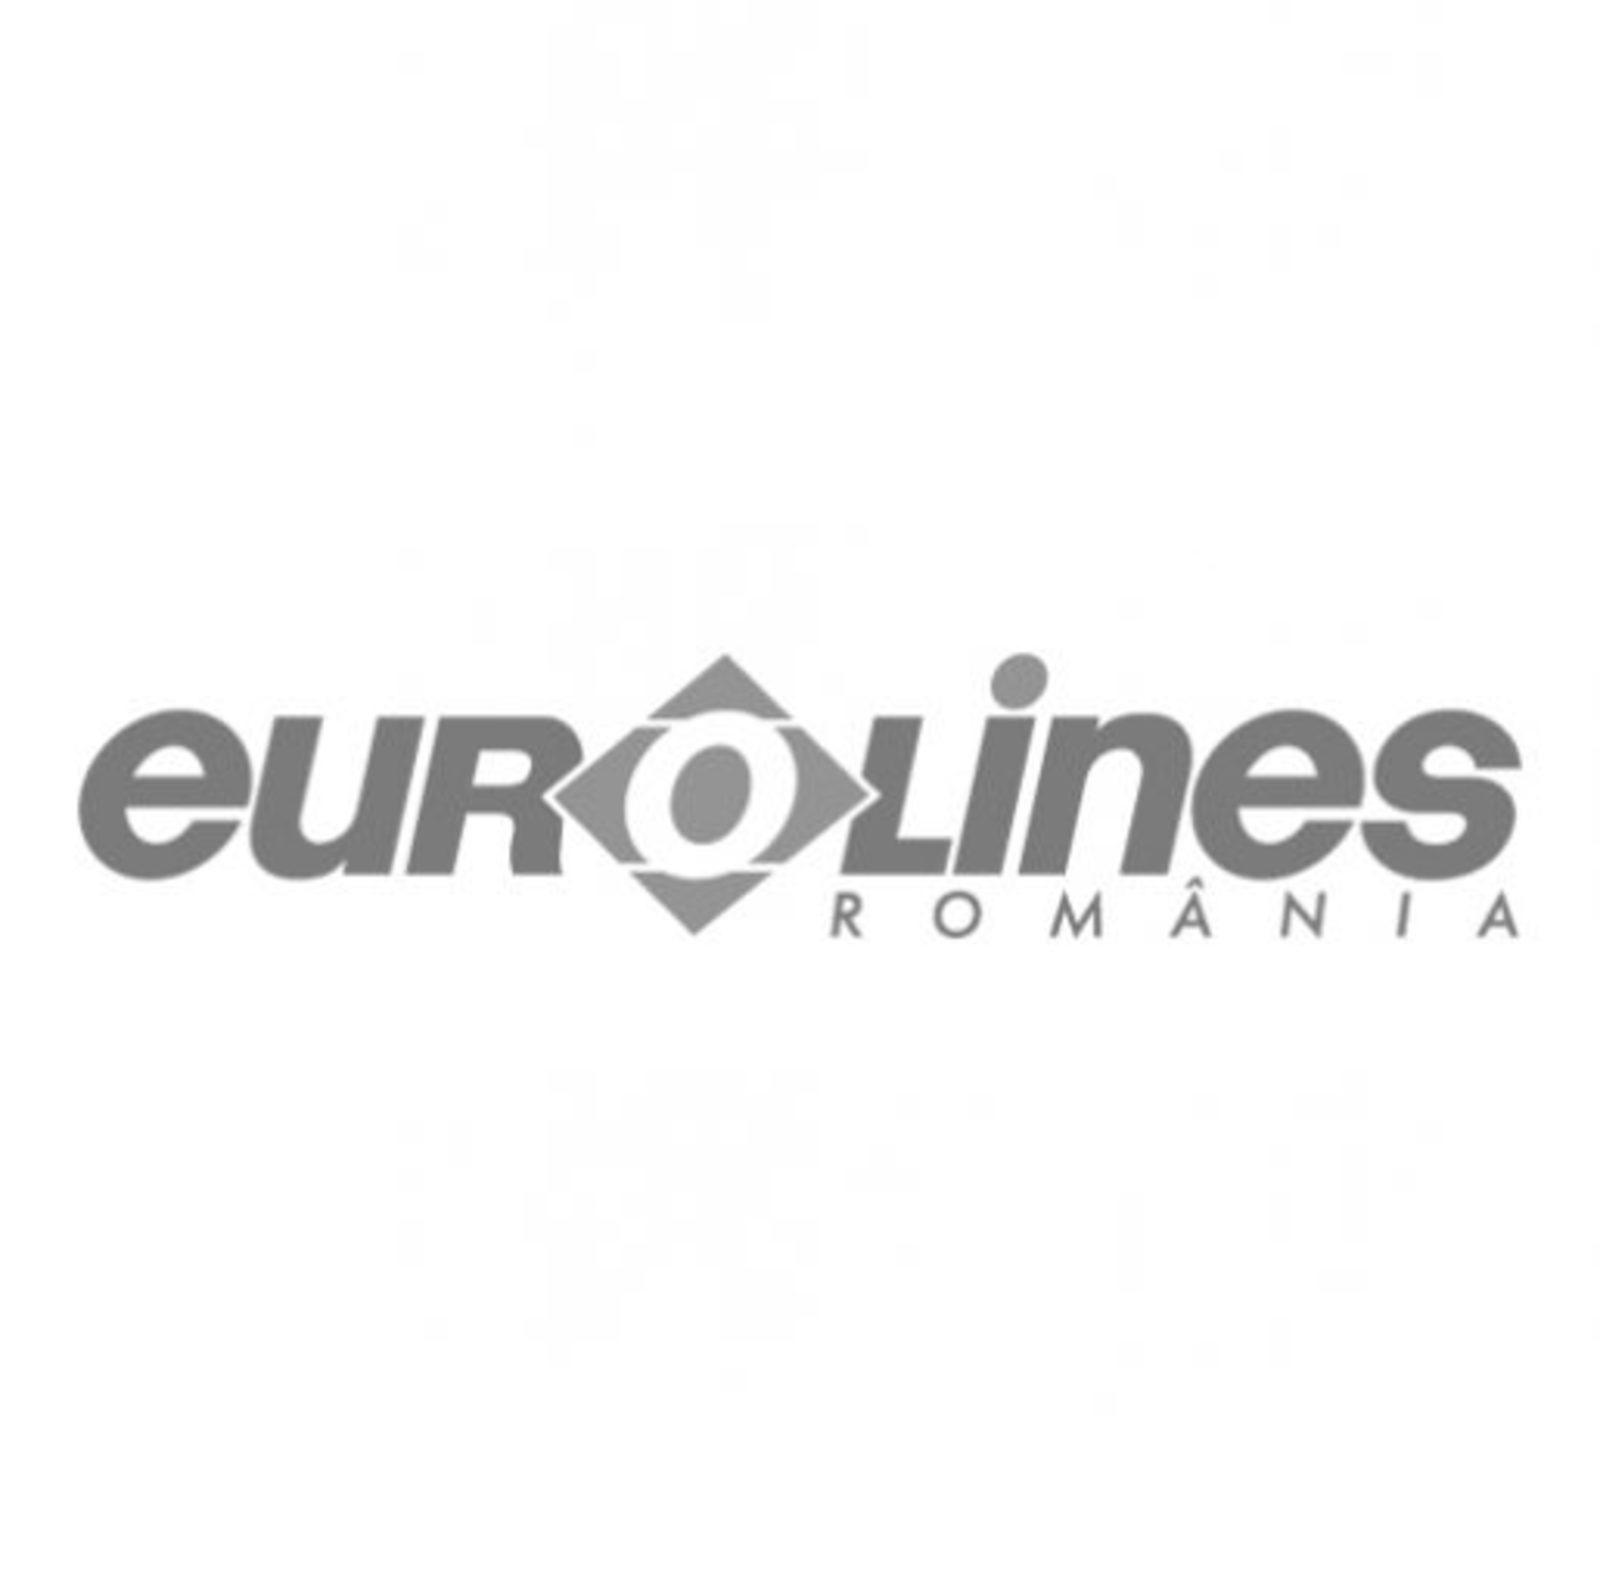 E timpul să călătorești! Ai 15% reducere la biletele de autocar și 15€ reducere la biletele de avion.